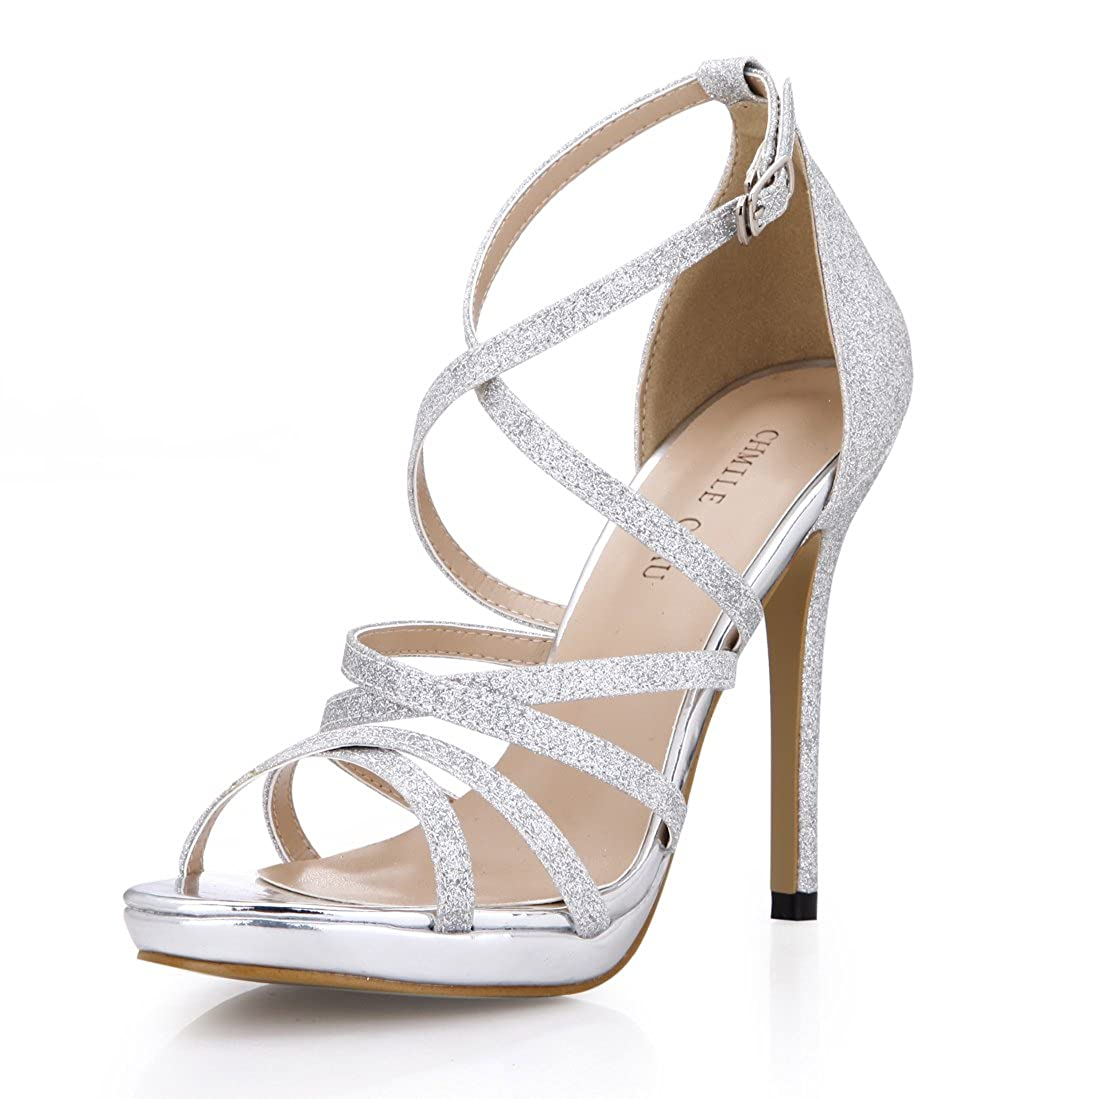 CHMILE CHAU-Scarpe da Donna-Sandali Tacco Alto a Spillo-Nuziale-Sposa-Eleganti-Moda-Partito-Cinturino alla Caviglia-Piattaforma 1cm Argento-glitter